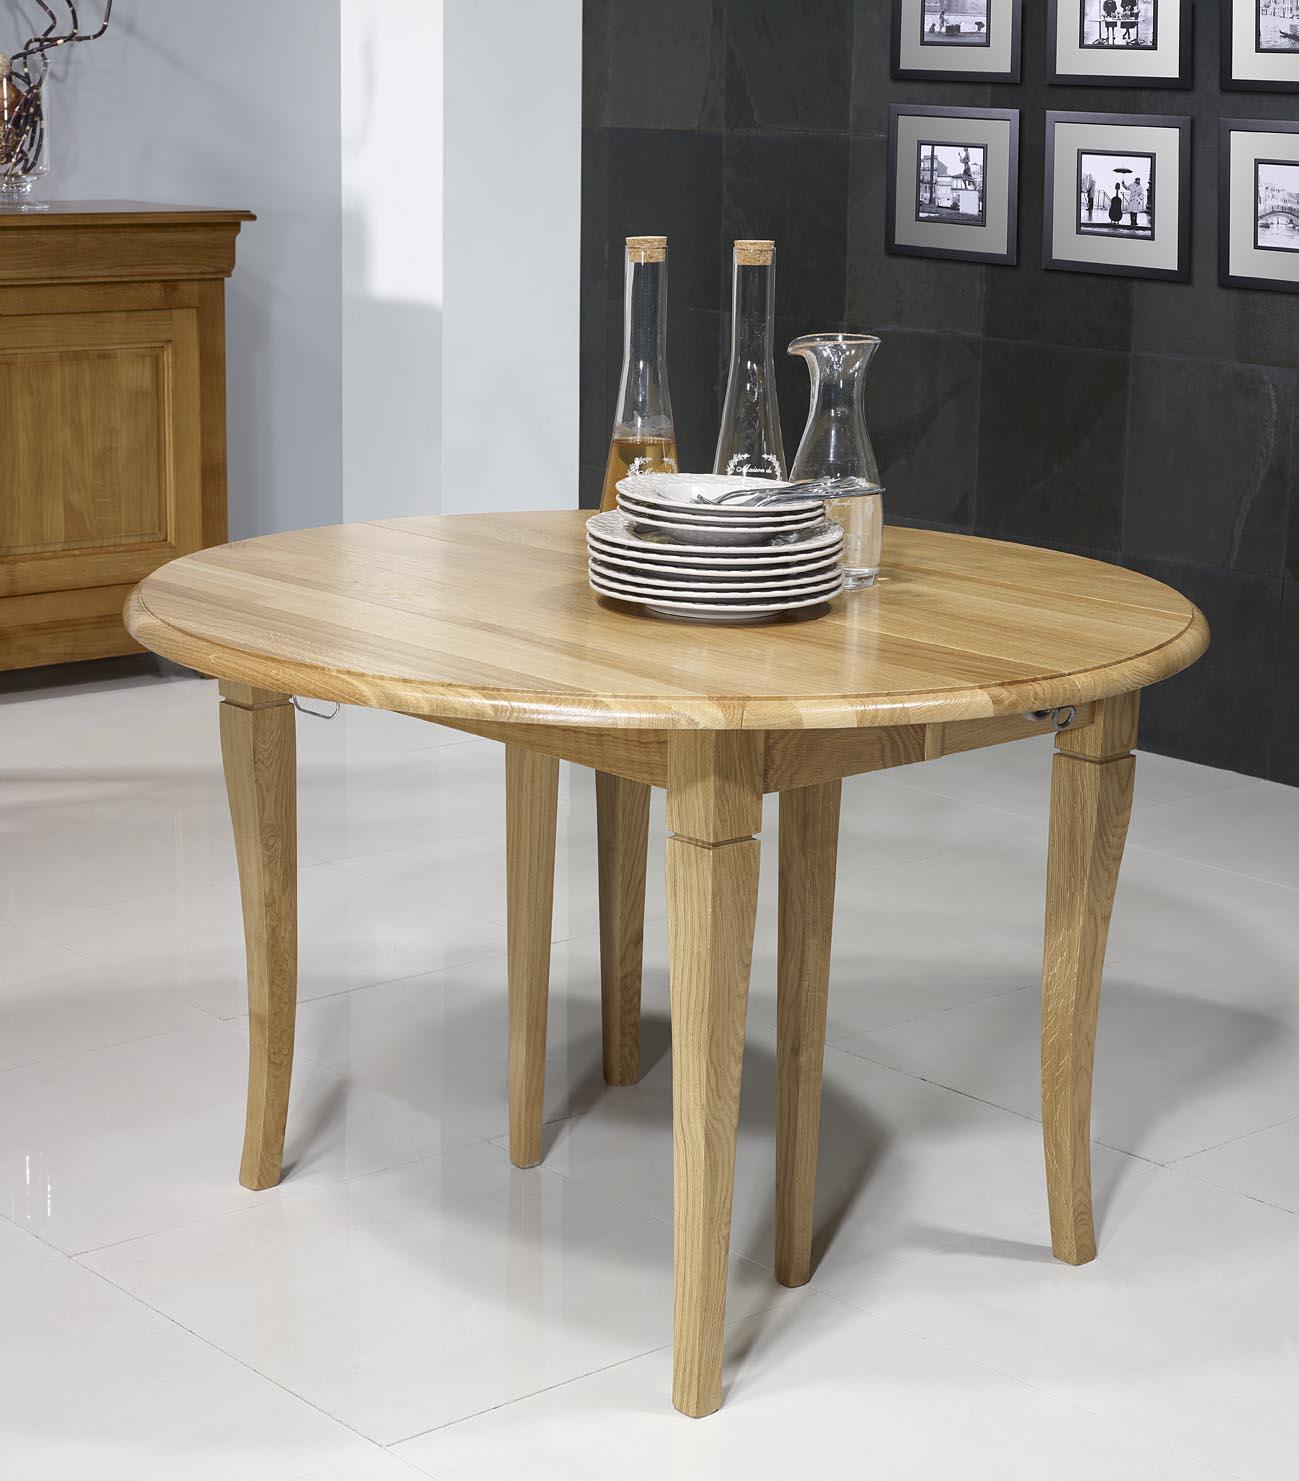 table ronde volets en ch ne massif de style louis philippe diam tre 120 3 allonges de 40 cm. Black Bedroom Furniture Sets. Home Design Ideas